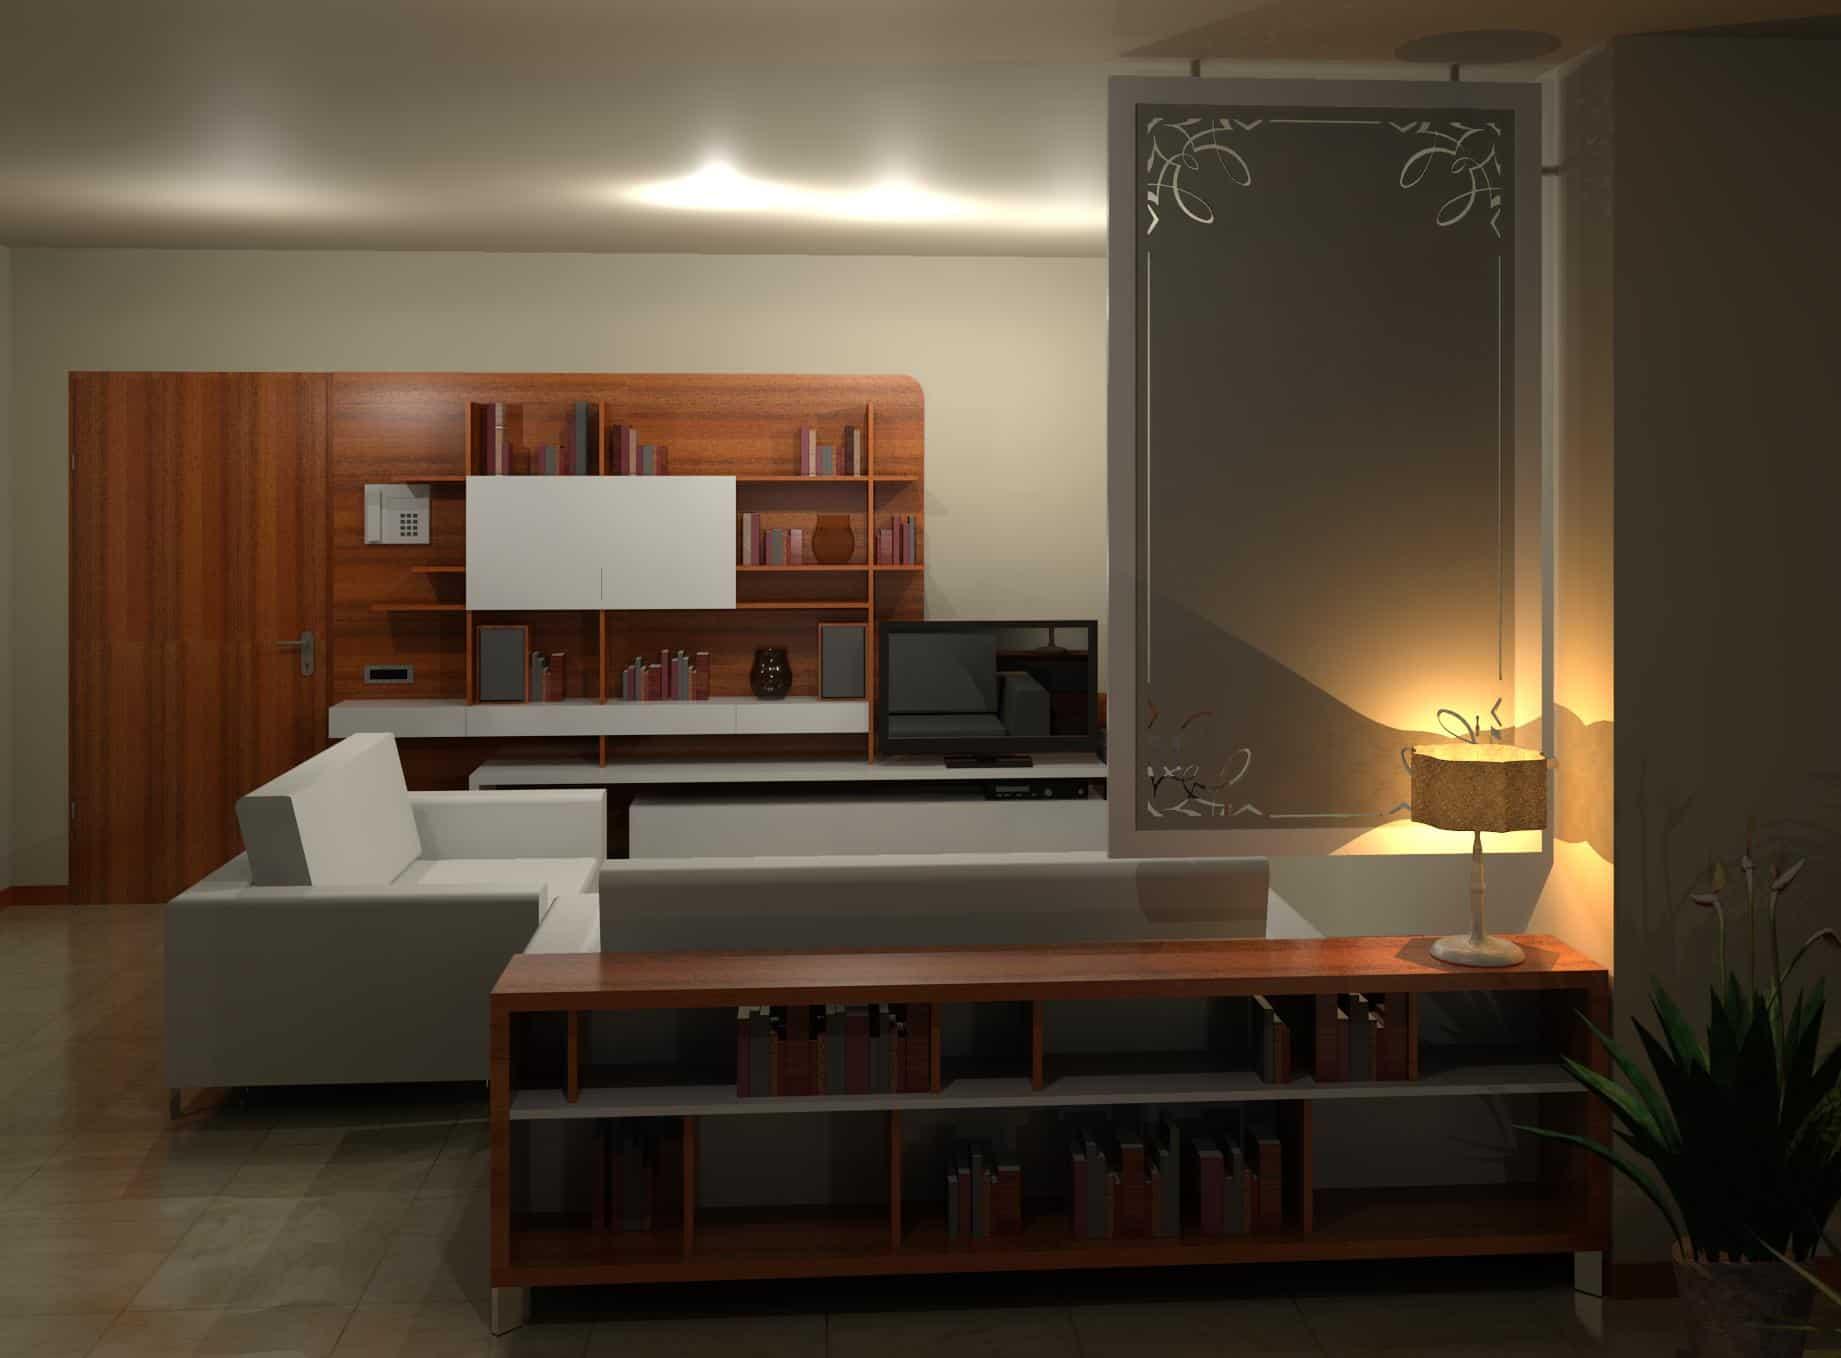 Luci led soggiorno idee per il design della casa - Luci soggiorno moderno ...